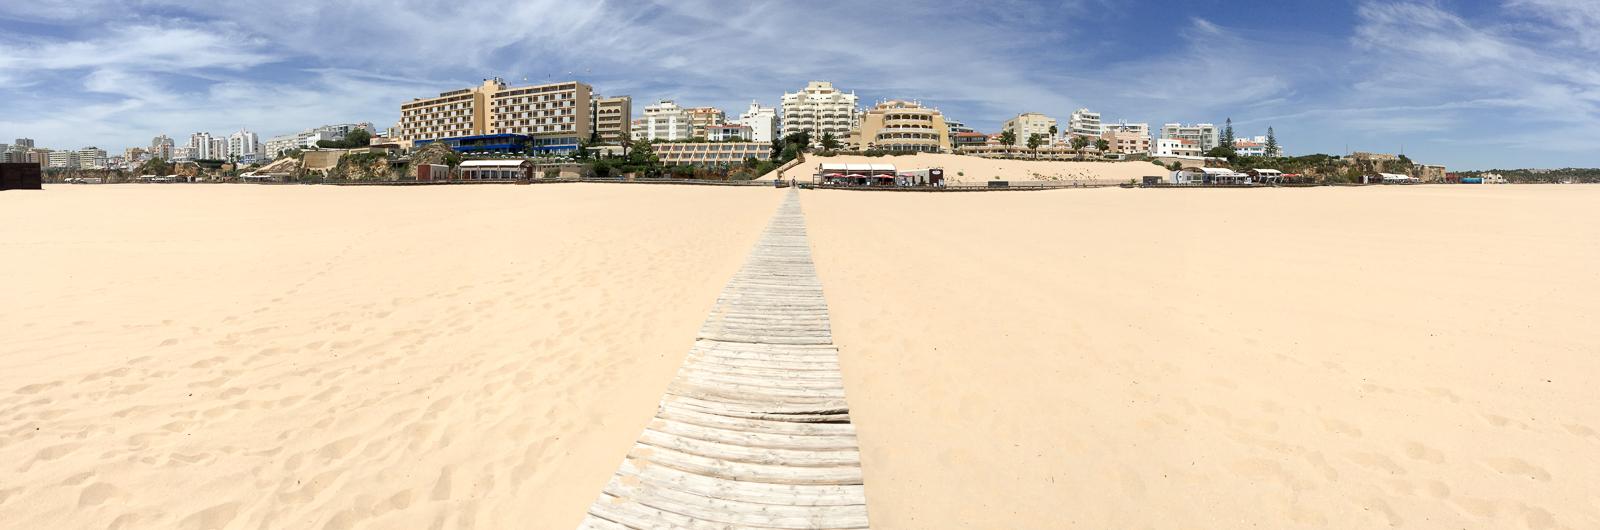 Dag02-Algarve-007-IMG_40898